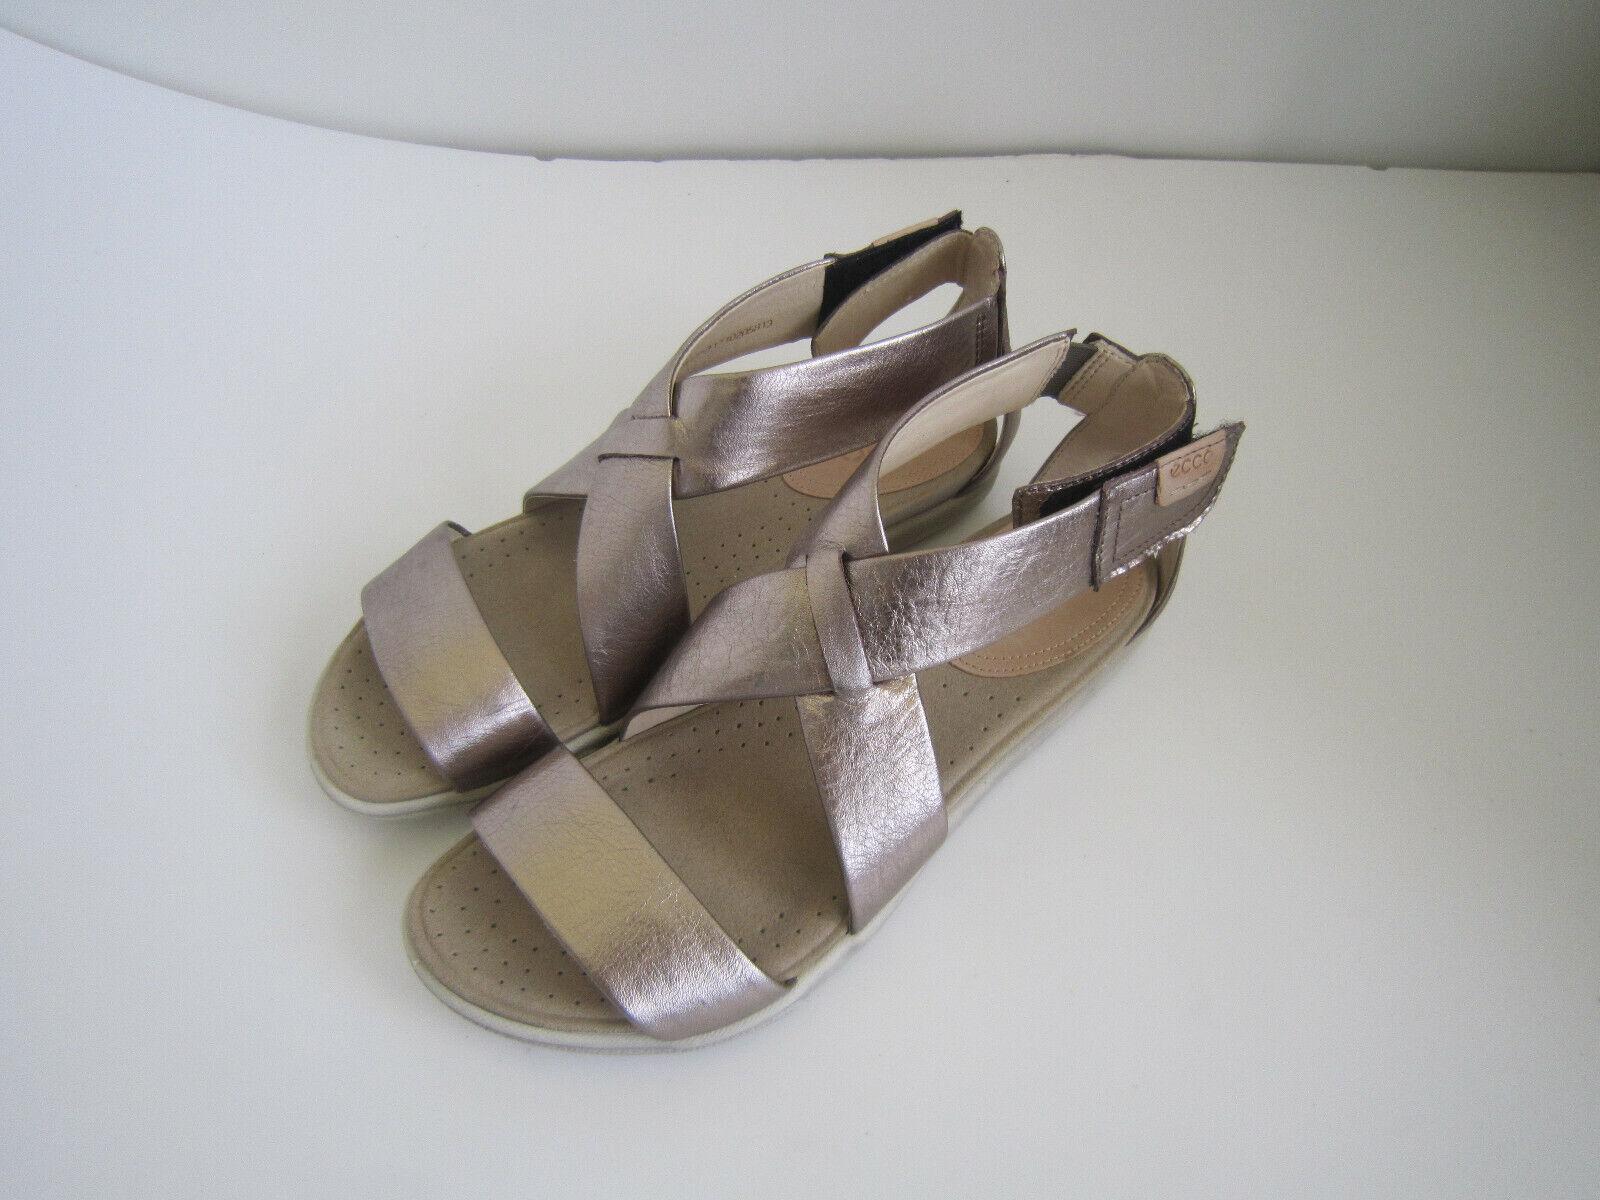 Ecco DAMARA STRAP Metallic grå läder Sandals Kvinnor Kvinnor Kvinnor i 65533;65533;Storlek 36 U 6  den mest fashionabla